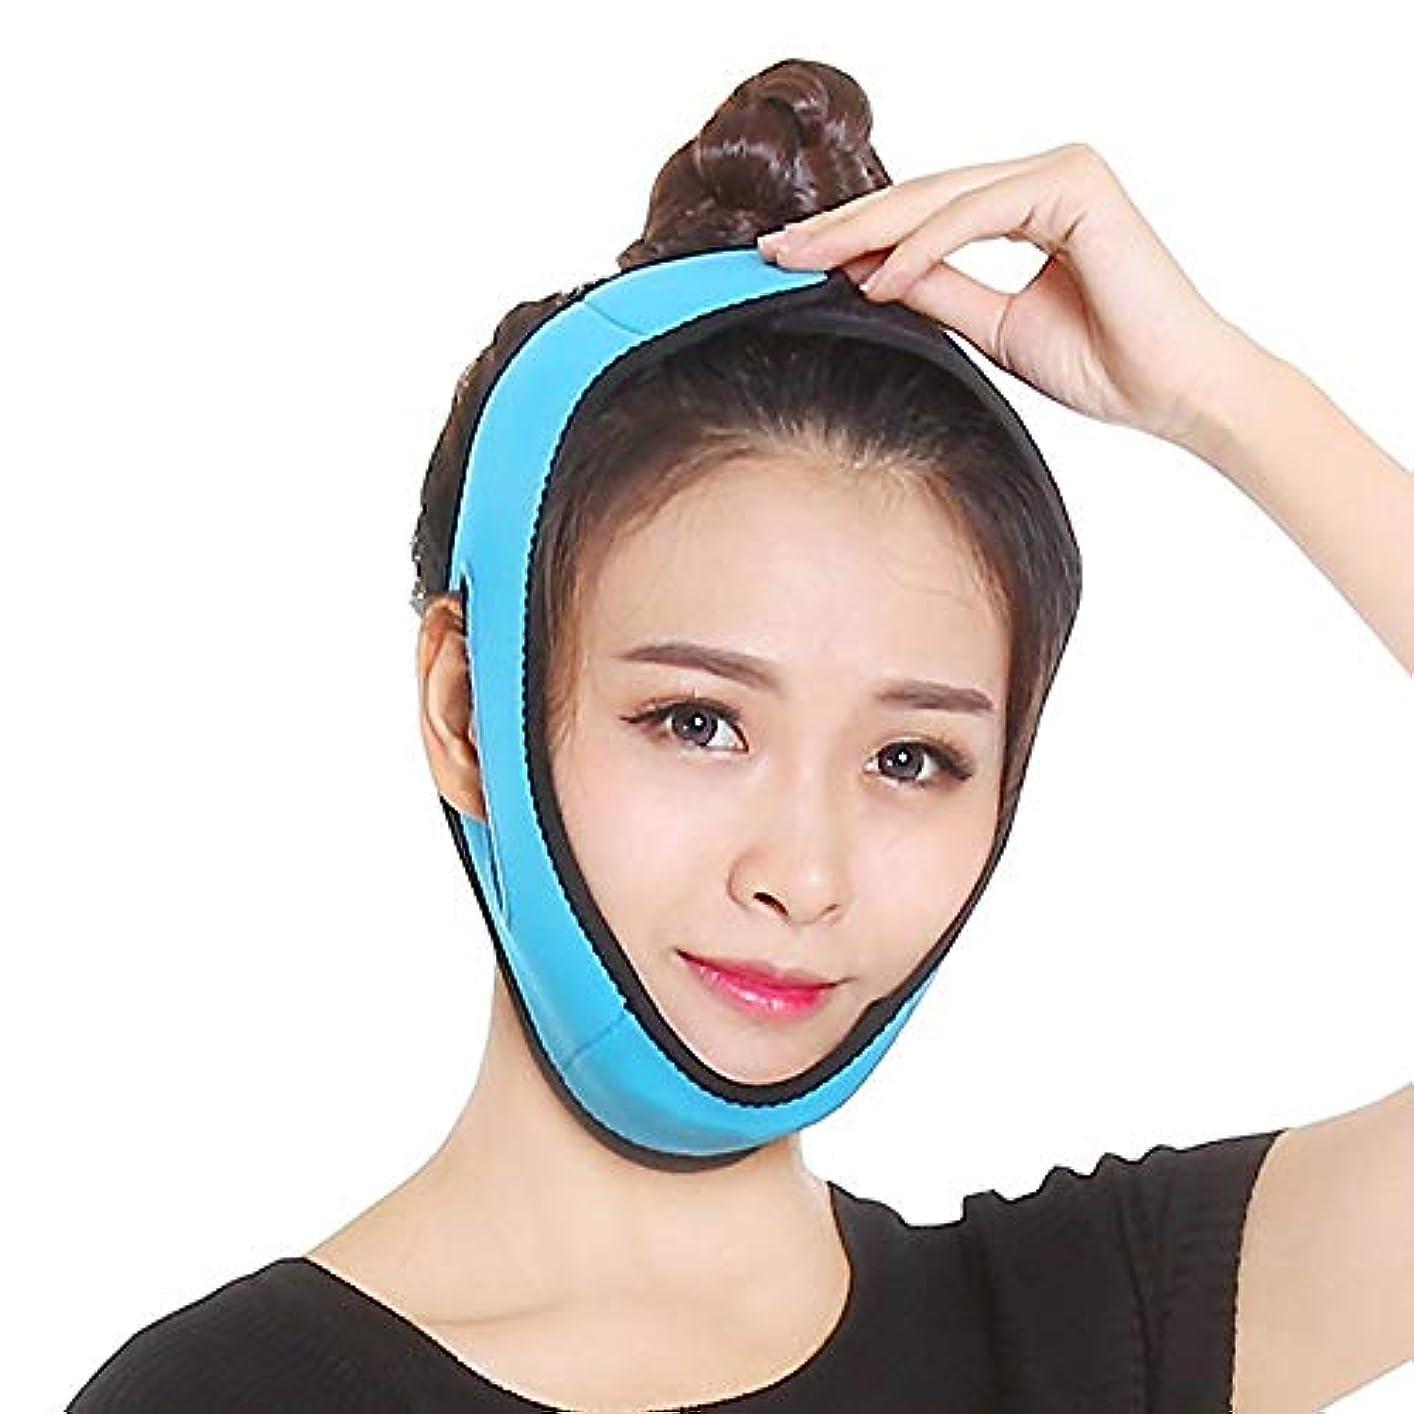 輪郭ナビゲーションスキニーXINGZHE フェイシャルリフティングスリミングベルト - 薄いフェイス包帯二重あごデバイス無料フェイシャルマッサージ整形マスクを引き締める顔と首の顔スリム フェイスリフティングベルト